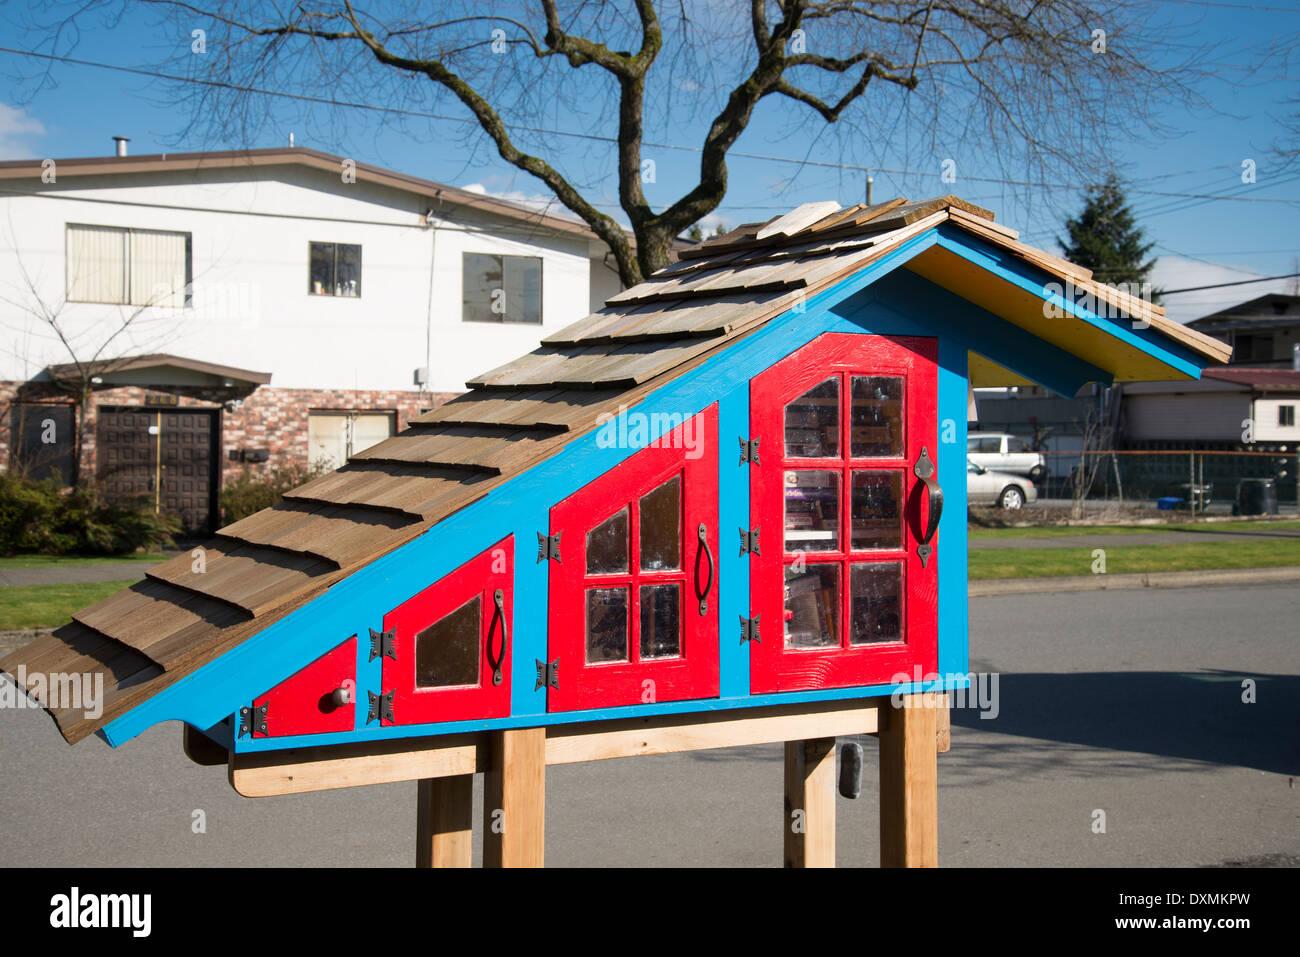 Pequeña biblioteca libre, intercambio de libros caja, Vancouver, British Columbia, Canadá Imagen De Stock